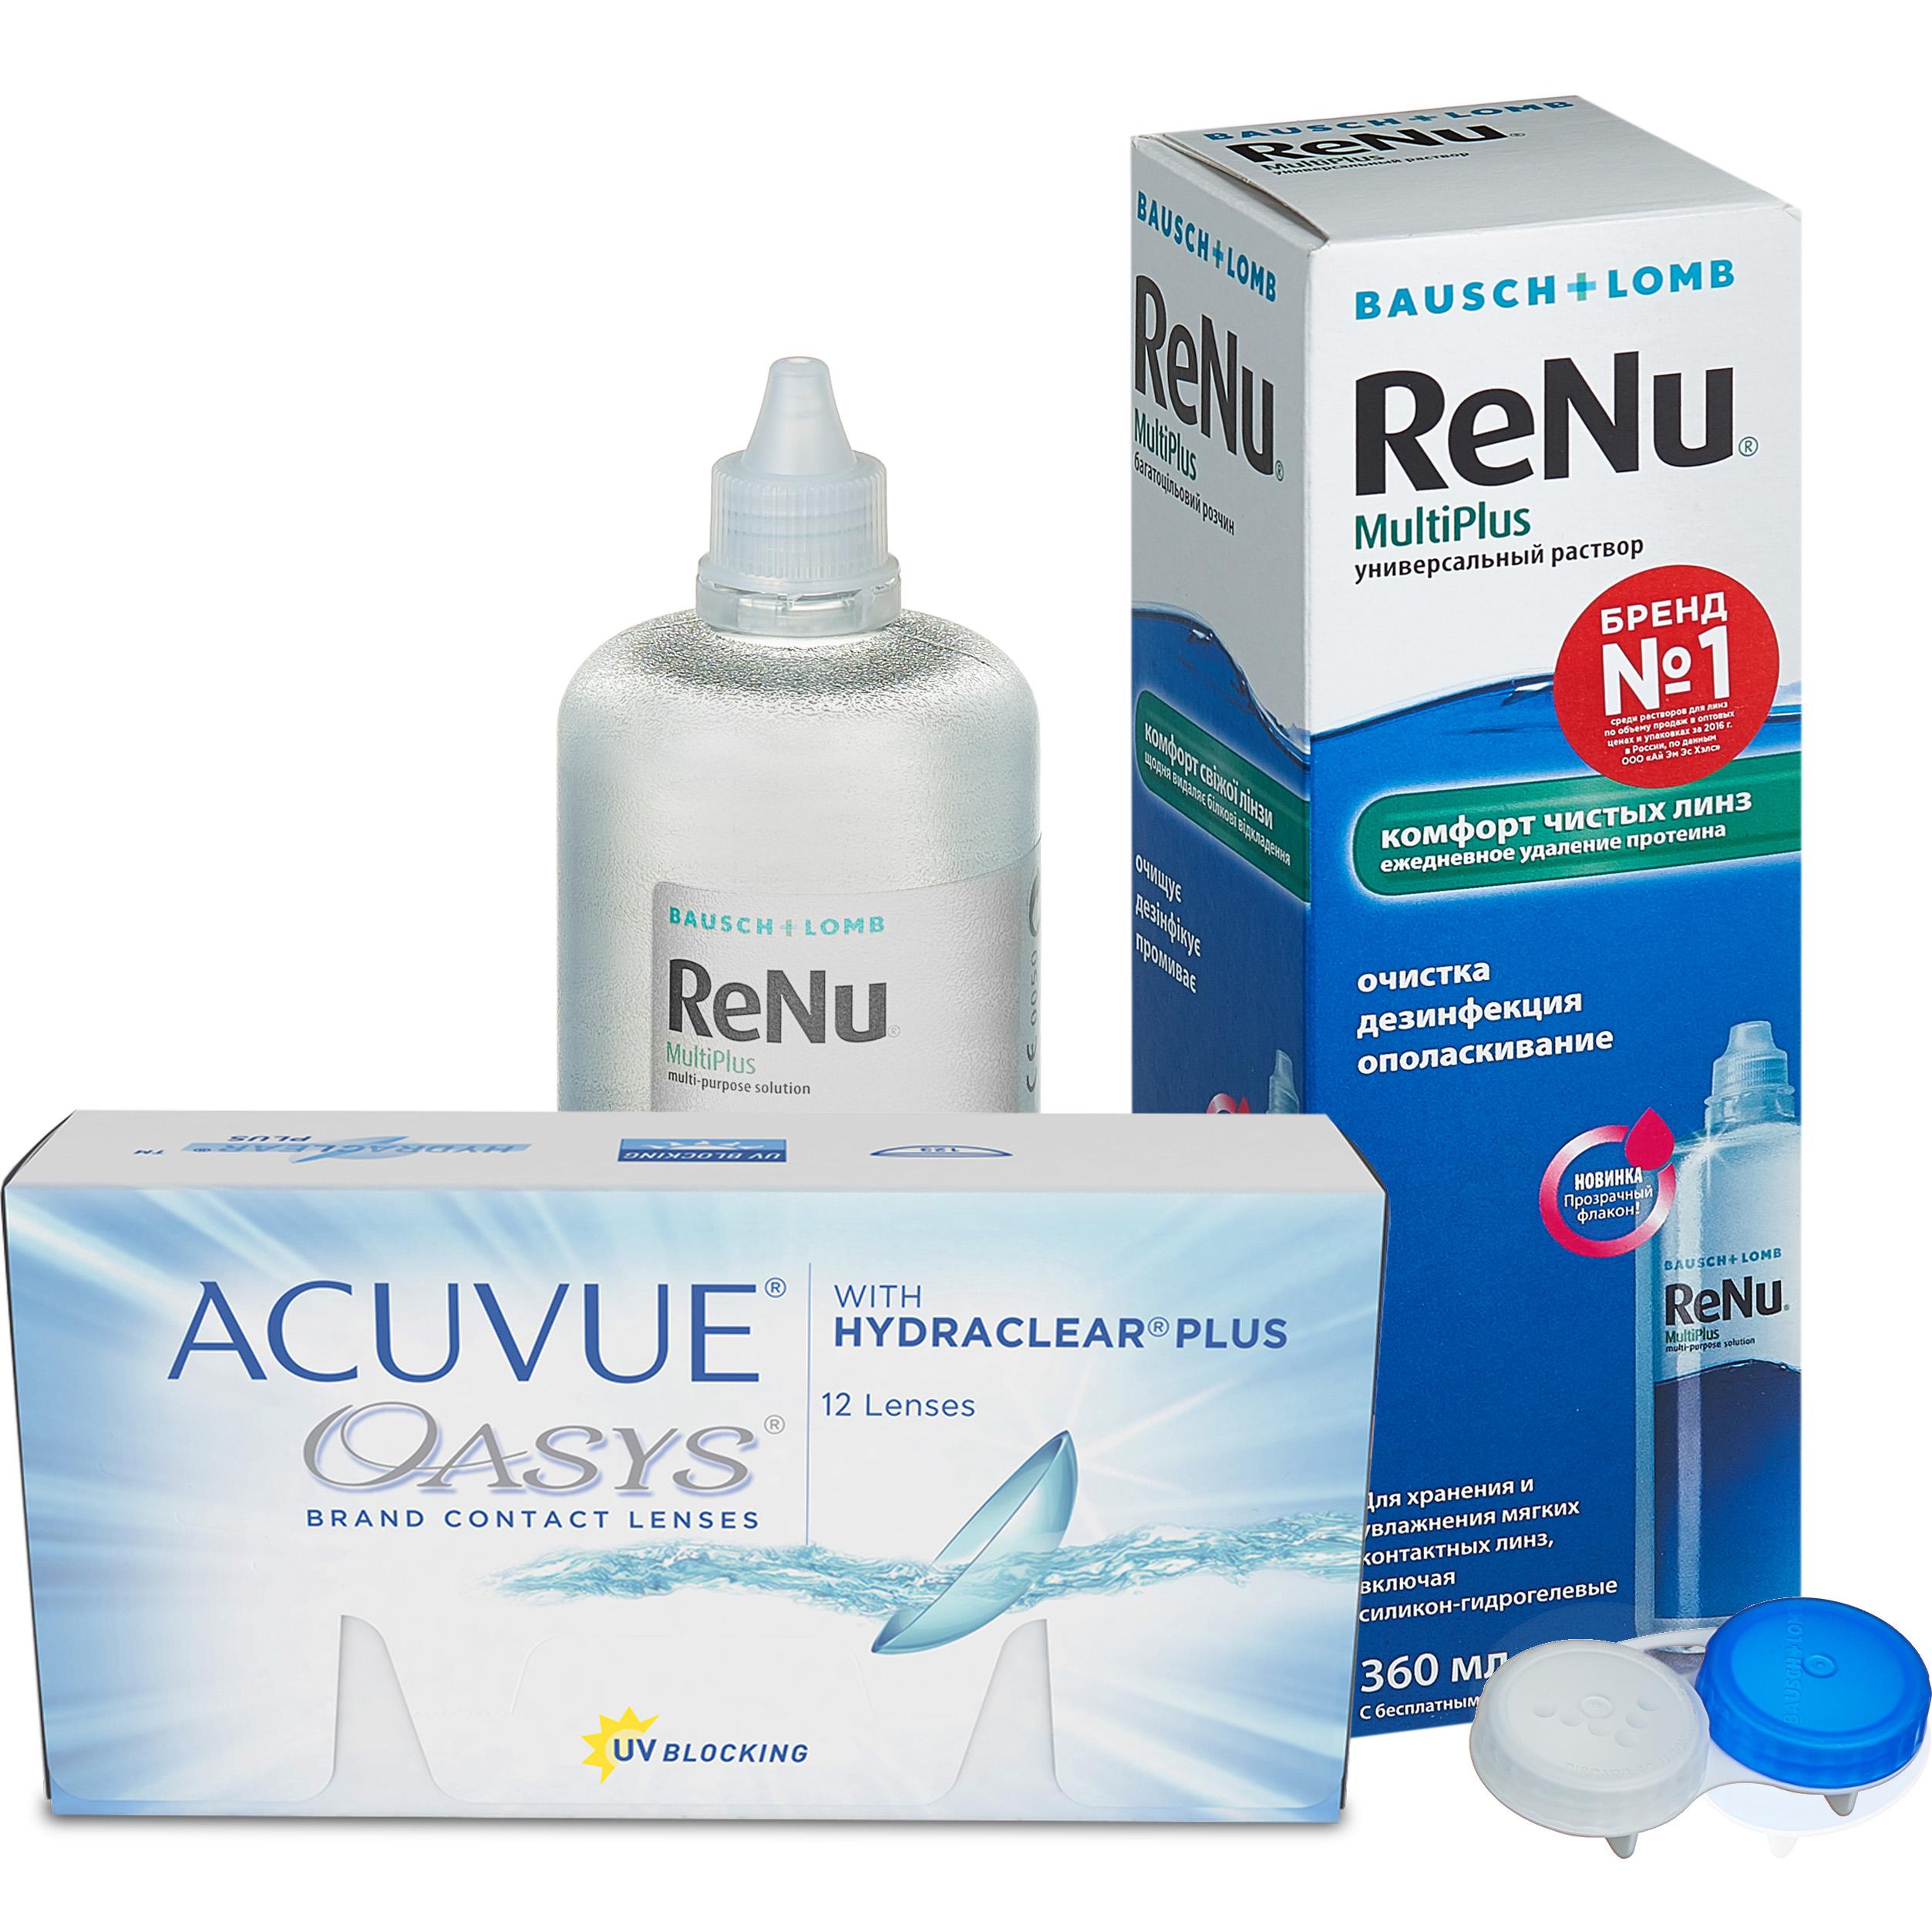 Купить Oasys with Hydraclear Plus 12 линз + ReNu MultiPlus, Линзы Acuvue Oasys with Hydraclear Plus 12 линз R 8.8 +1, 25 + ReNu Multi Plus 360 мл